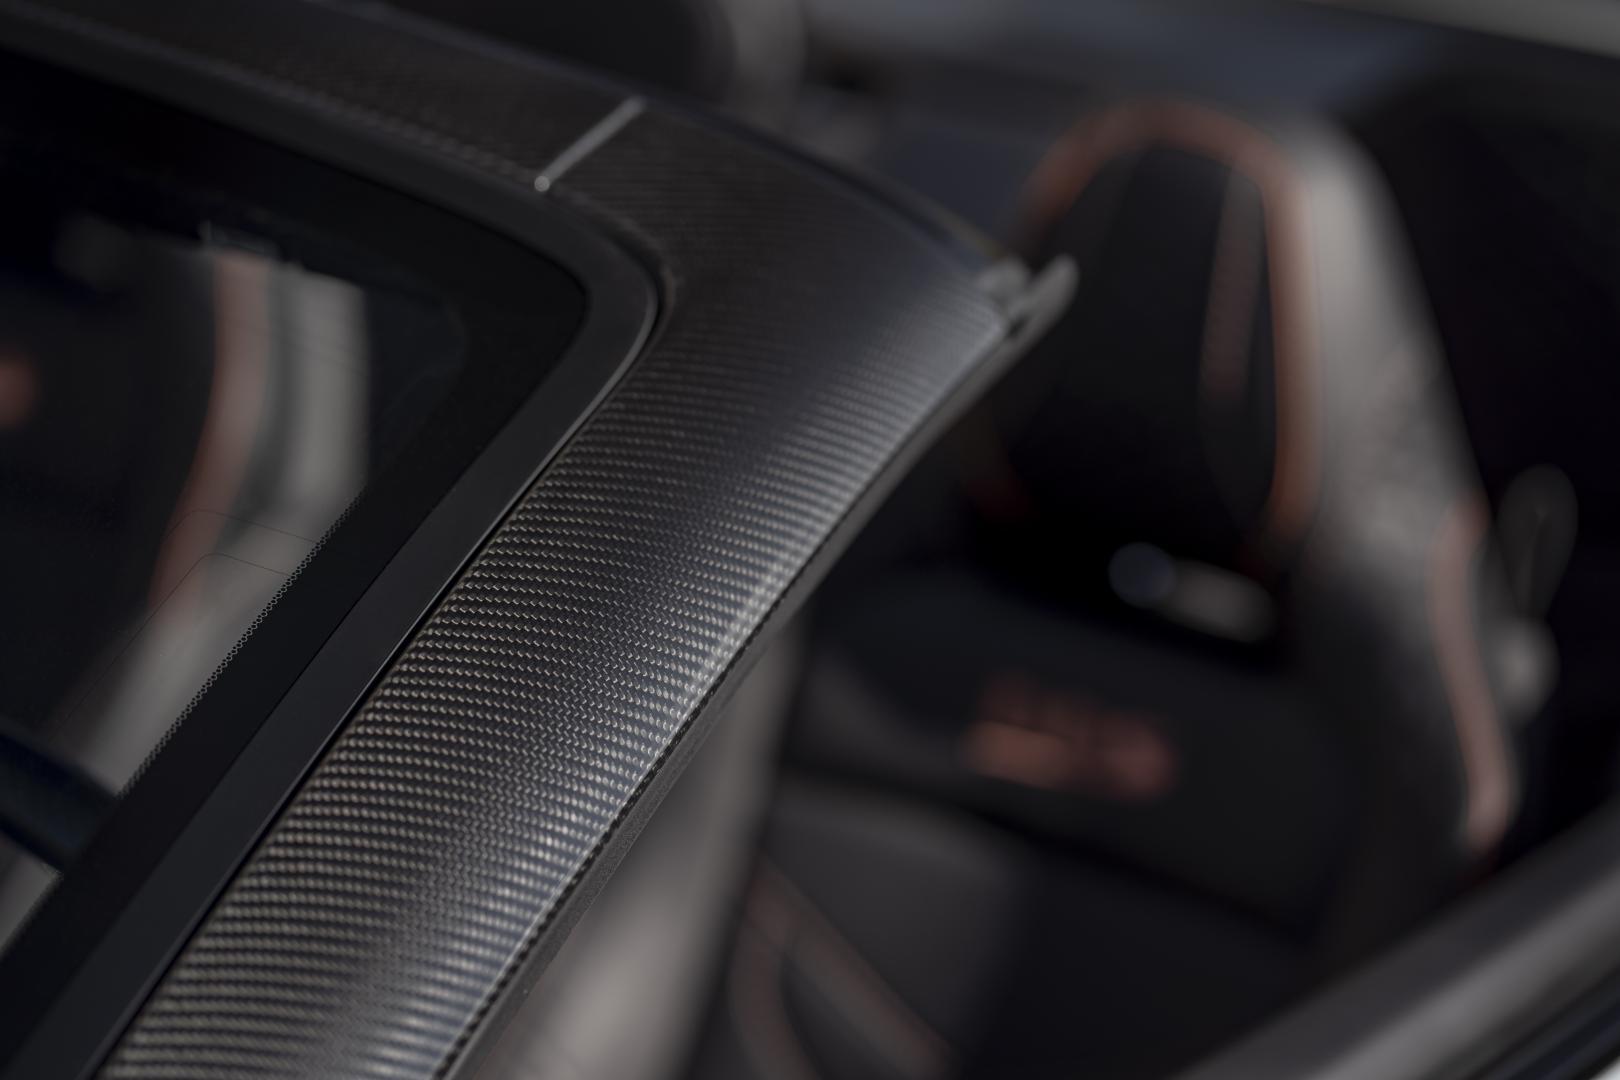 Aston Martin DBS Superleggera Volante a-stijl koolstofvezel